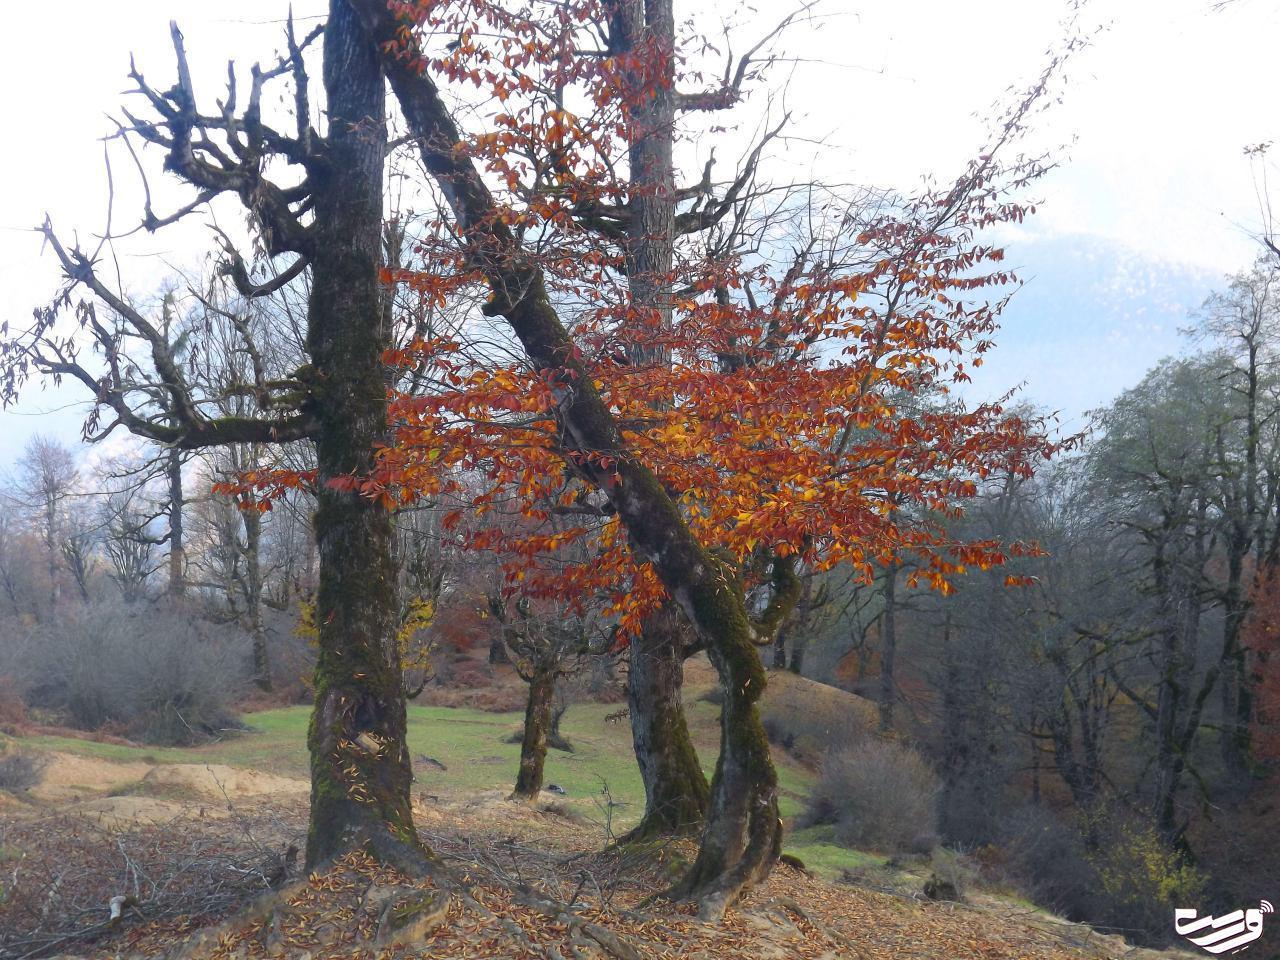 پاییز هزار رنگ در ارتفاعات سیاهمزگی شفت